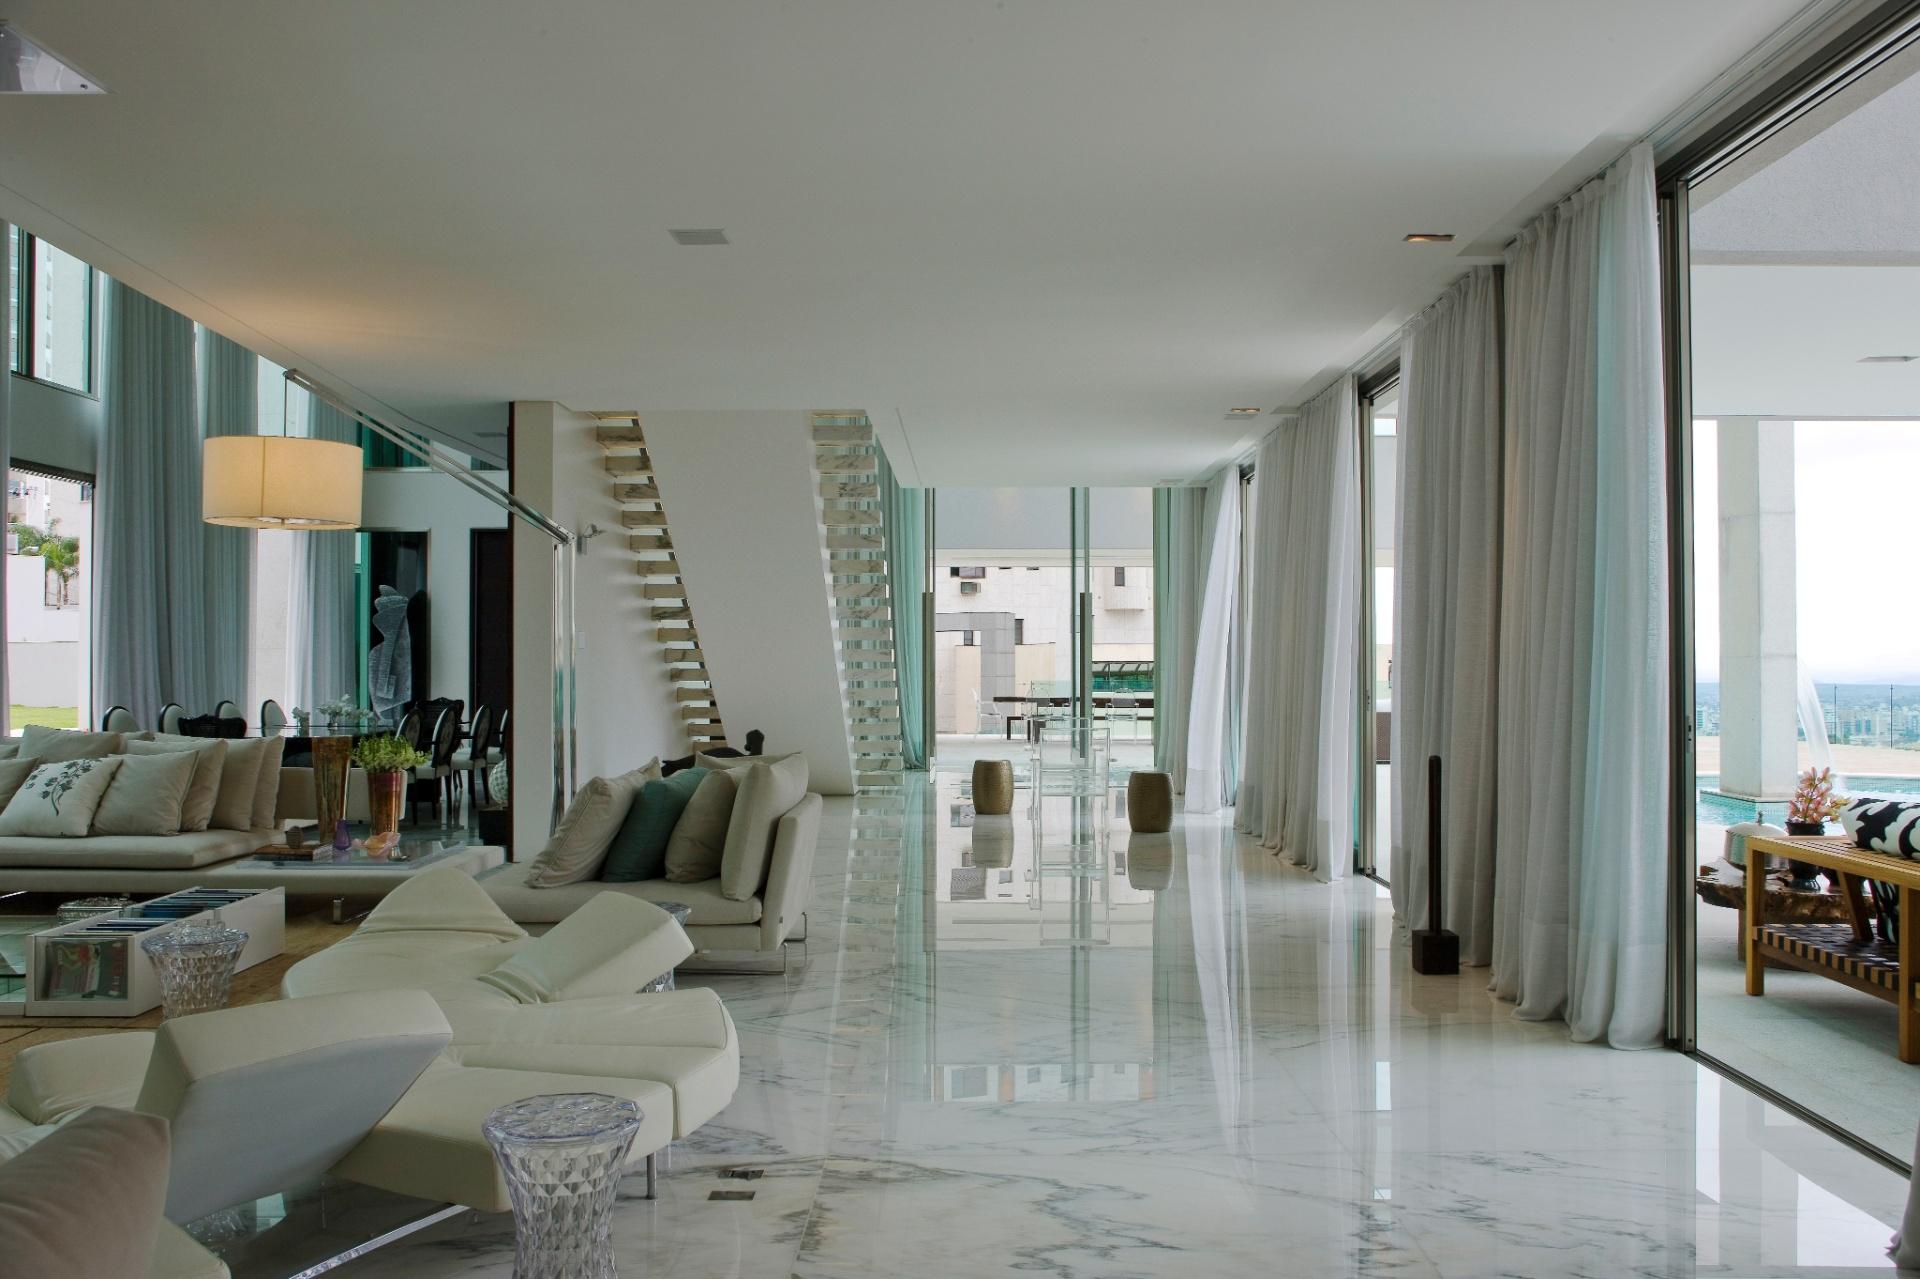 O living com 200 m² de área ficou bem mais amplo no projeto da arquiteta Myrna Porcaro graças ao piso em mármore, vidro, e parede e cortinas brancas. O sofá off-white e o mobiliário em tom neutro unificam os ambientes